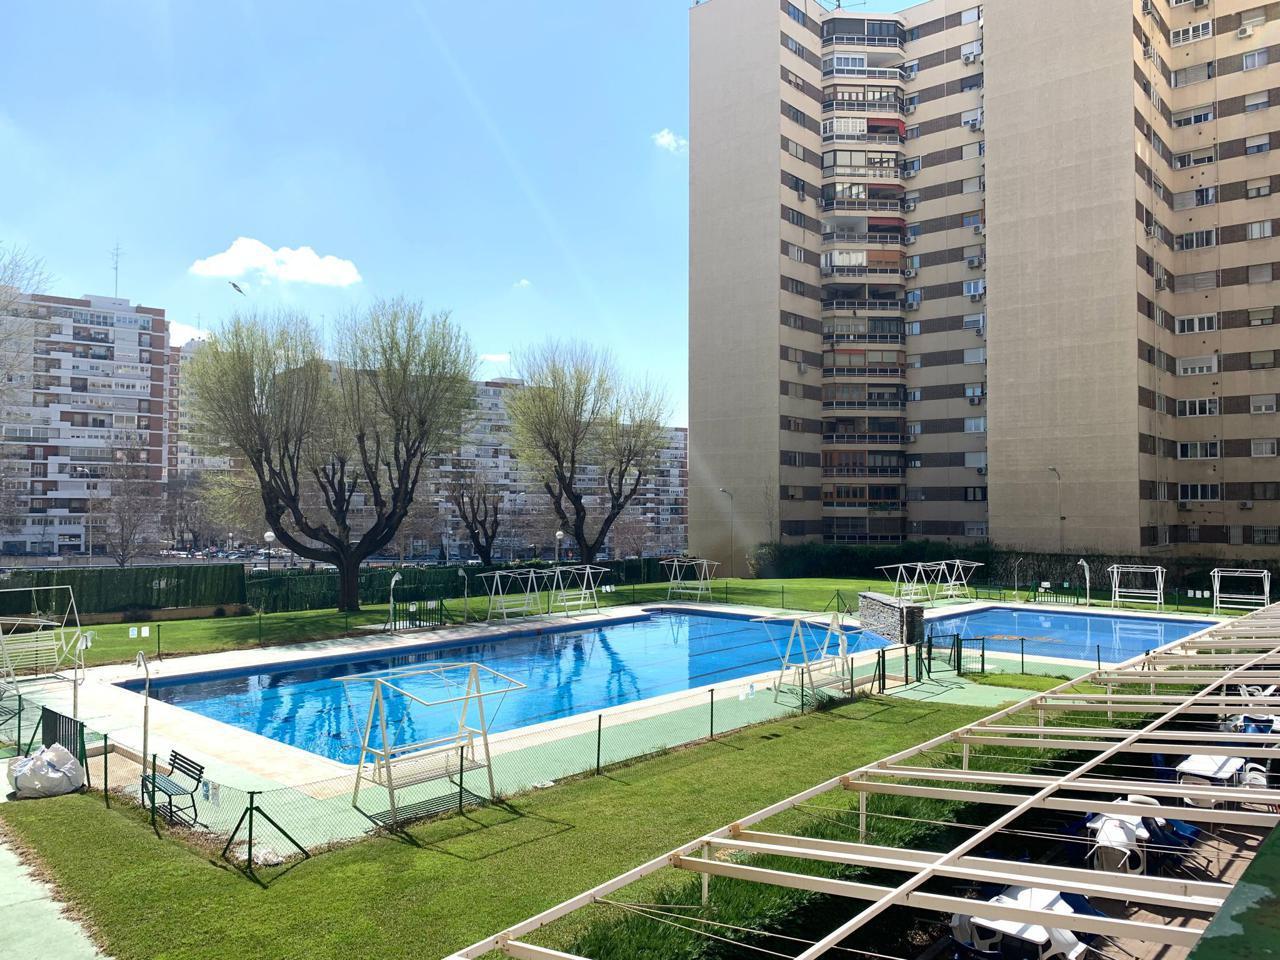 Piso de Alquiler en Madrid   Referencia 7175